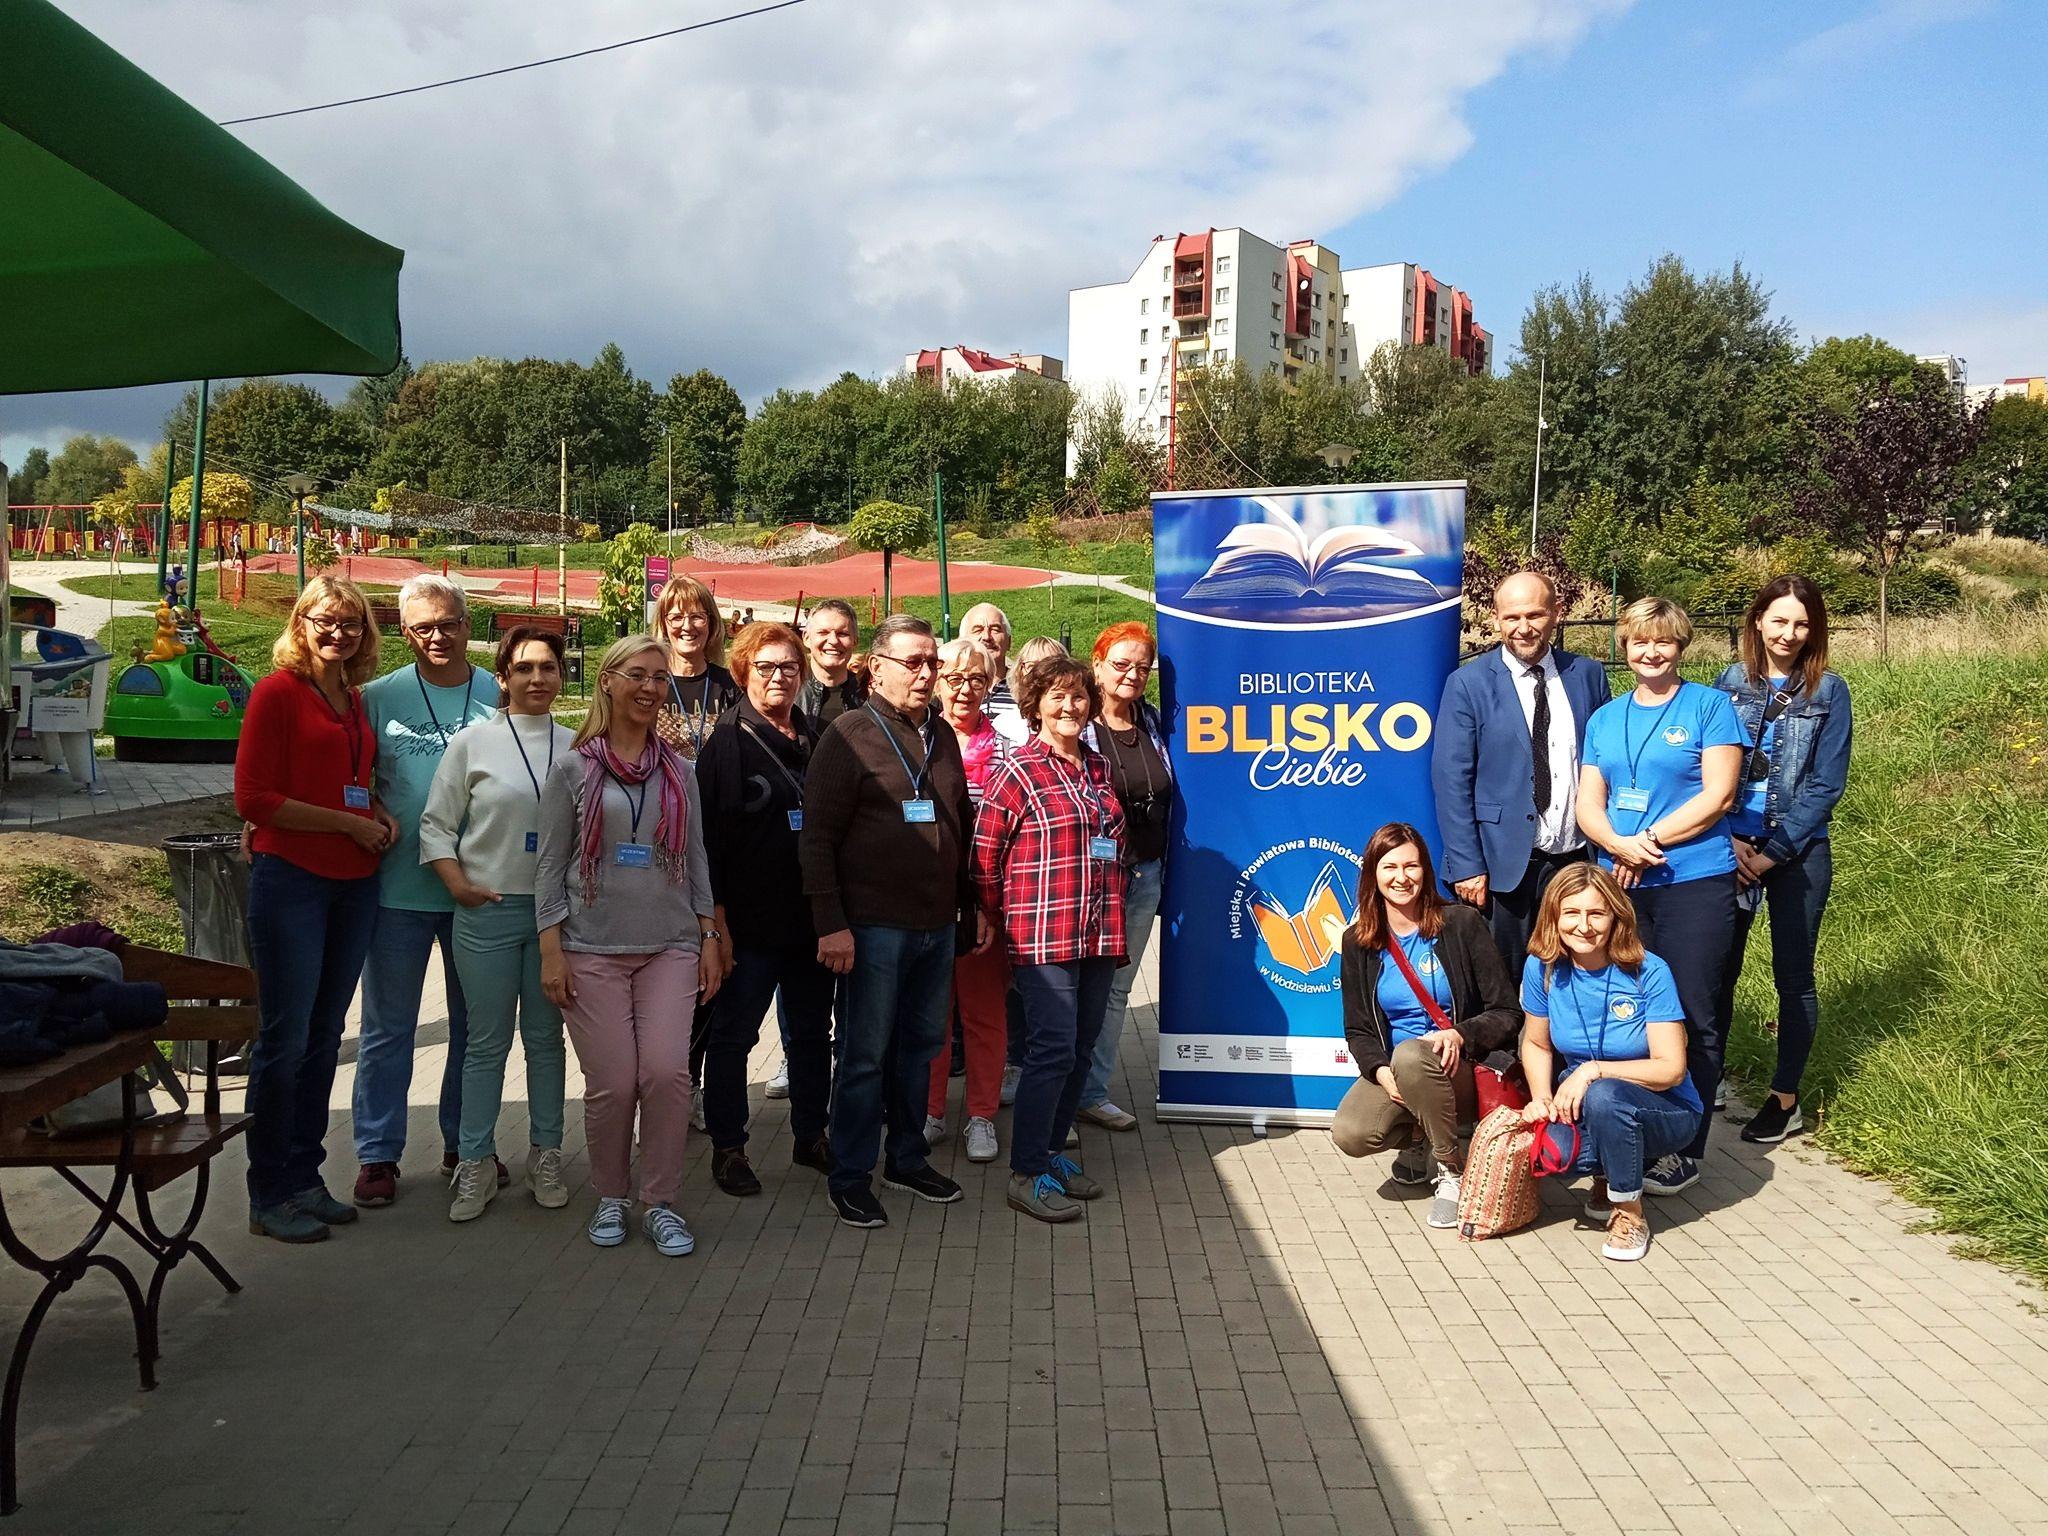 Projekt BLISKO - Bibliospacer - Grupowe Zdjęcie Uczestników W RPR Trzy Wzgórza